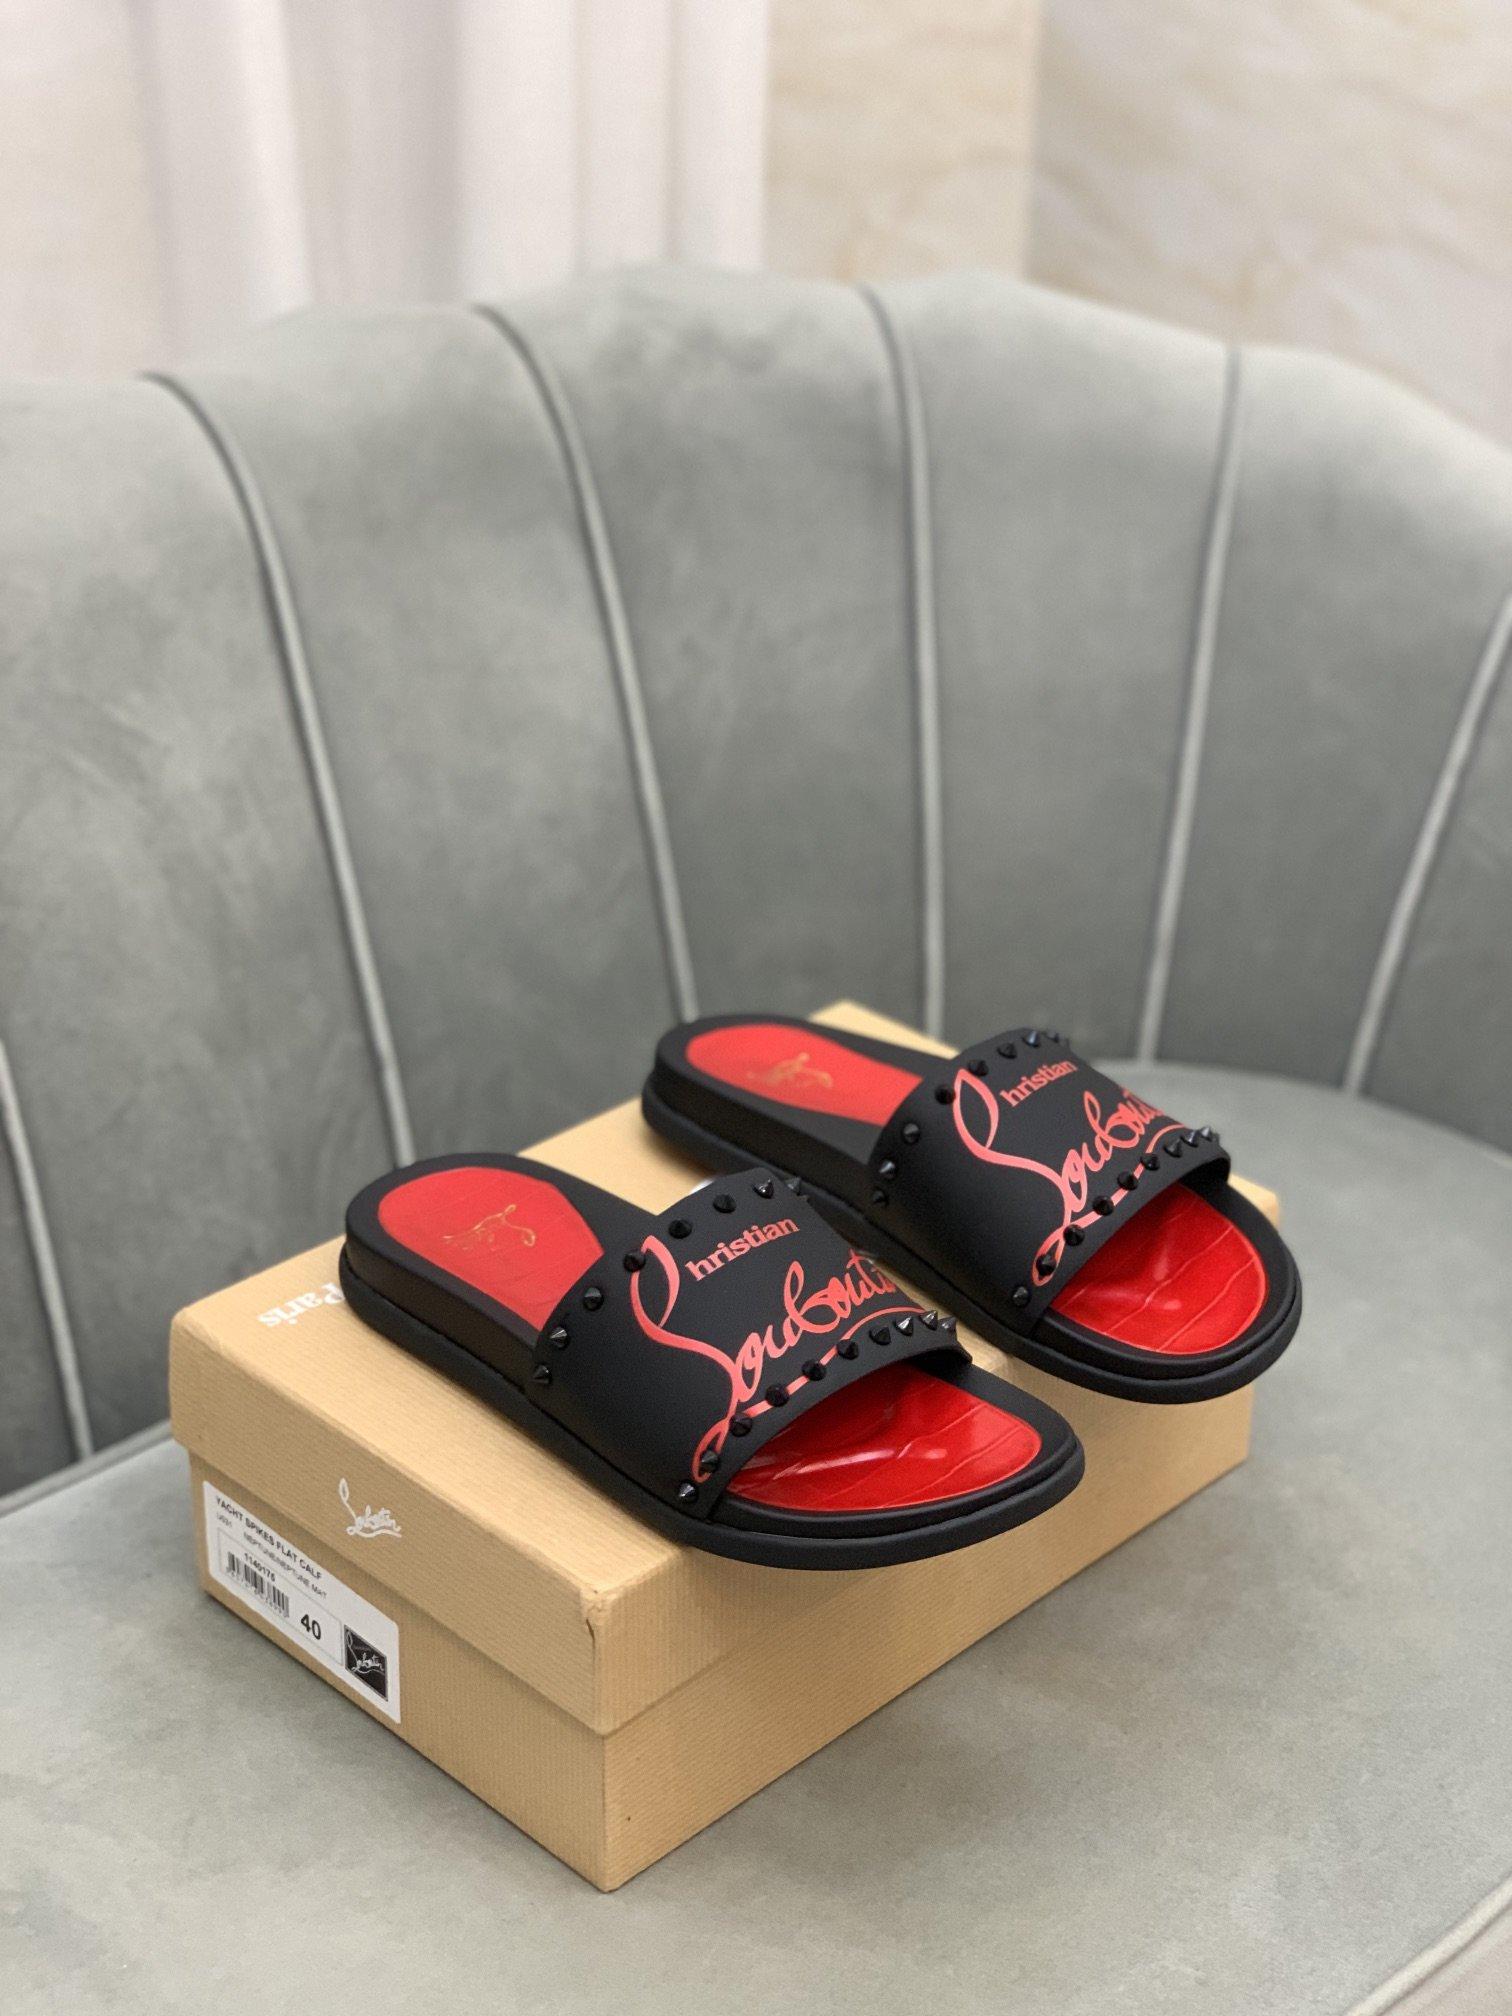 商品商标CL红底鞋*CL*拖鞋正码码